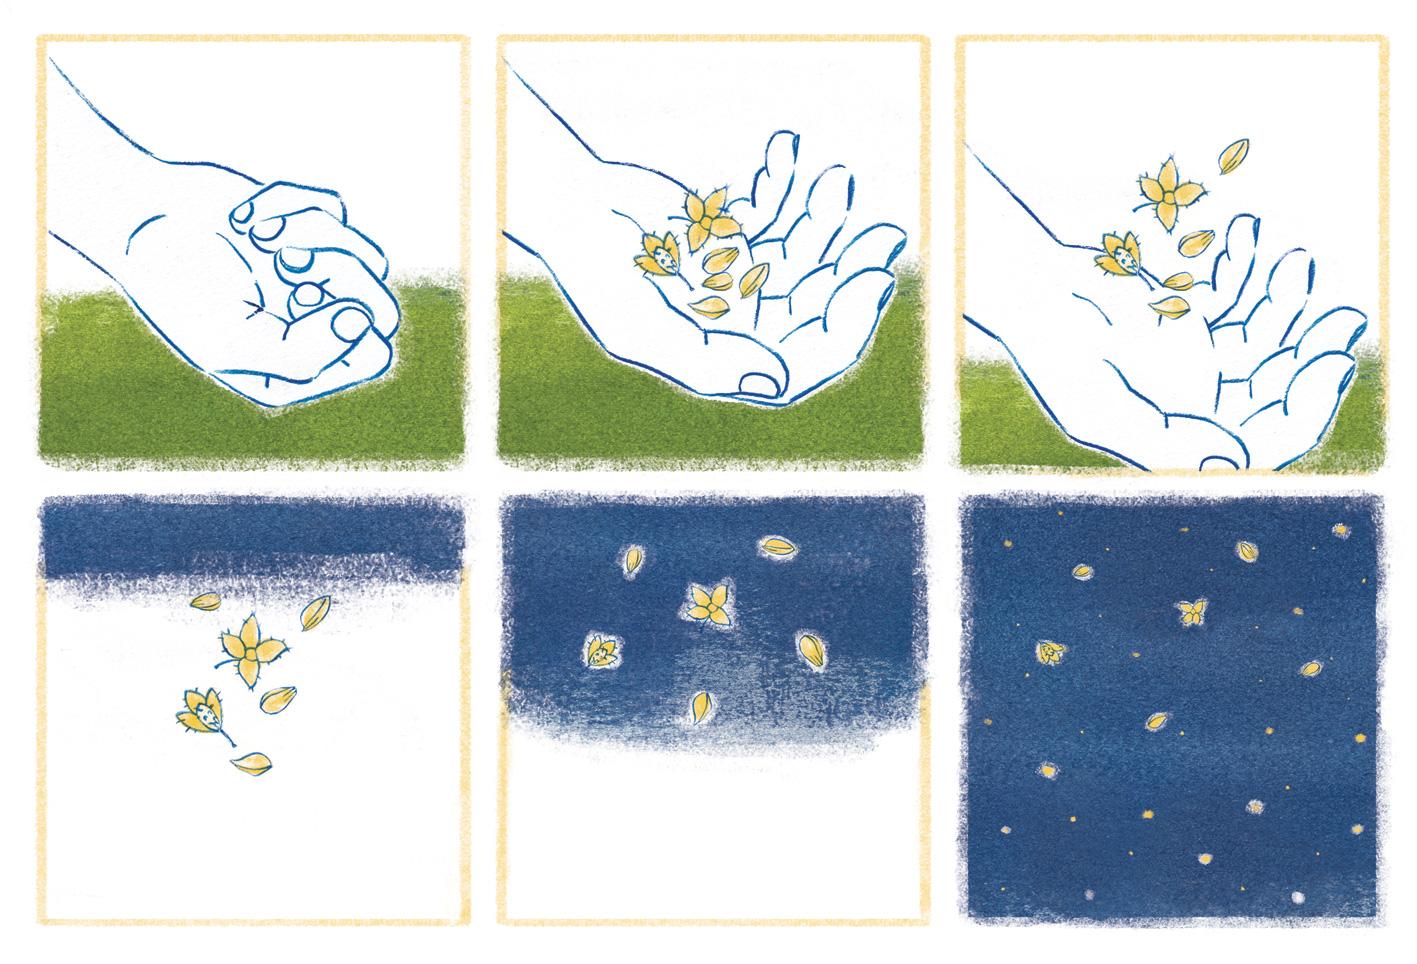 """""""You can do magic""""  - Piccola striscia illustrata ispirata a """" L'uomo che piantava gli alberi """"  © Sara Zanello Illustrator"""